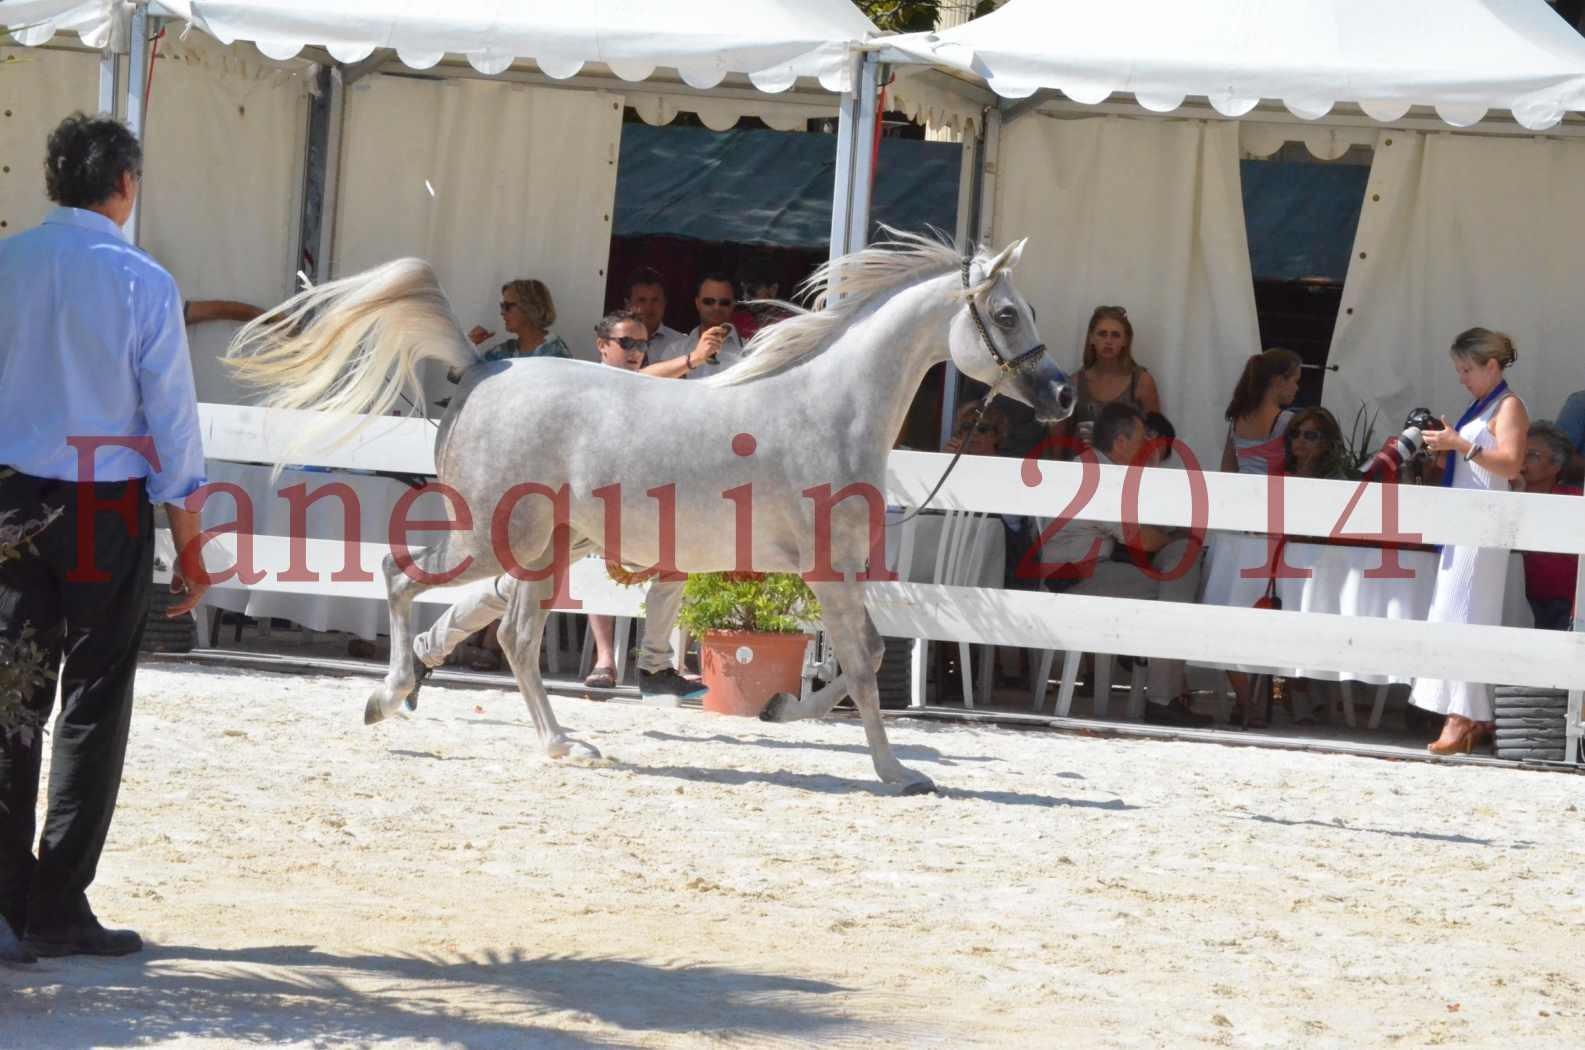 Concours national de Nîmes 2014 - Championnat Femelles Juniors - VOLODIA DE LAFON - 03